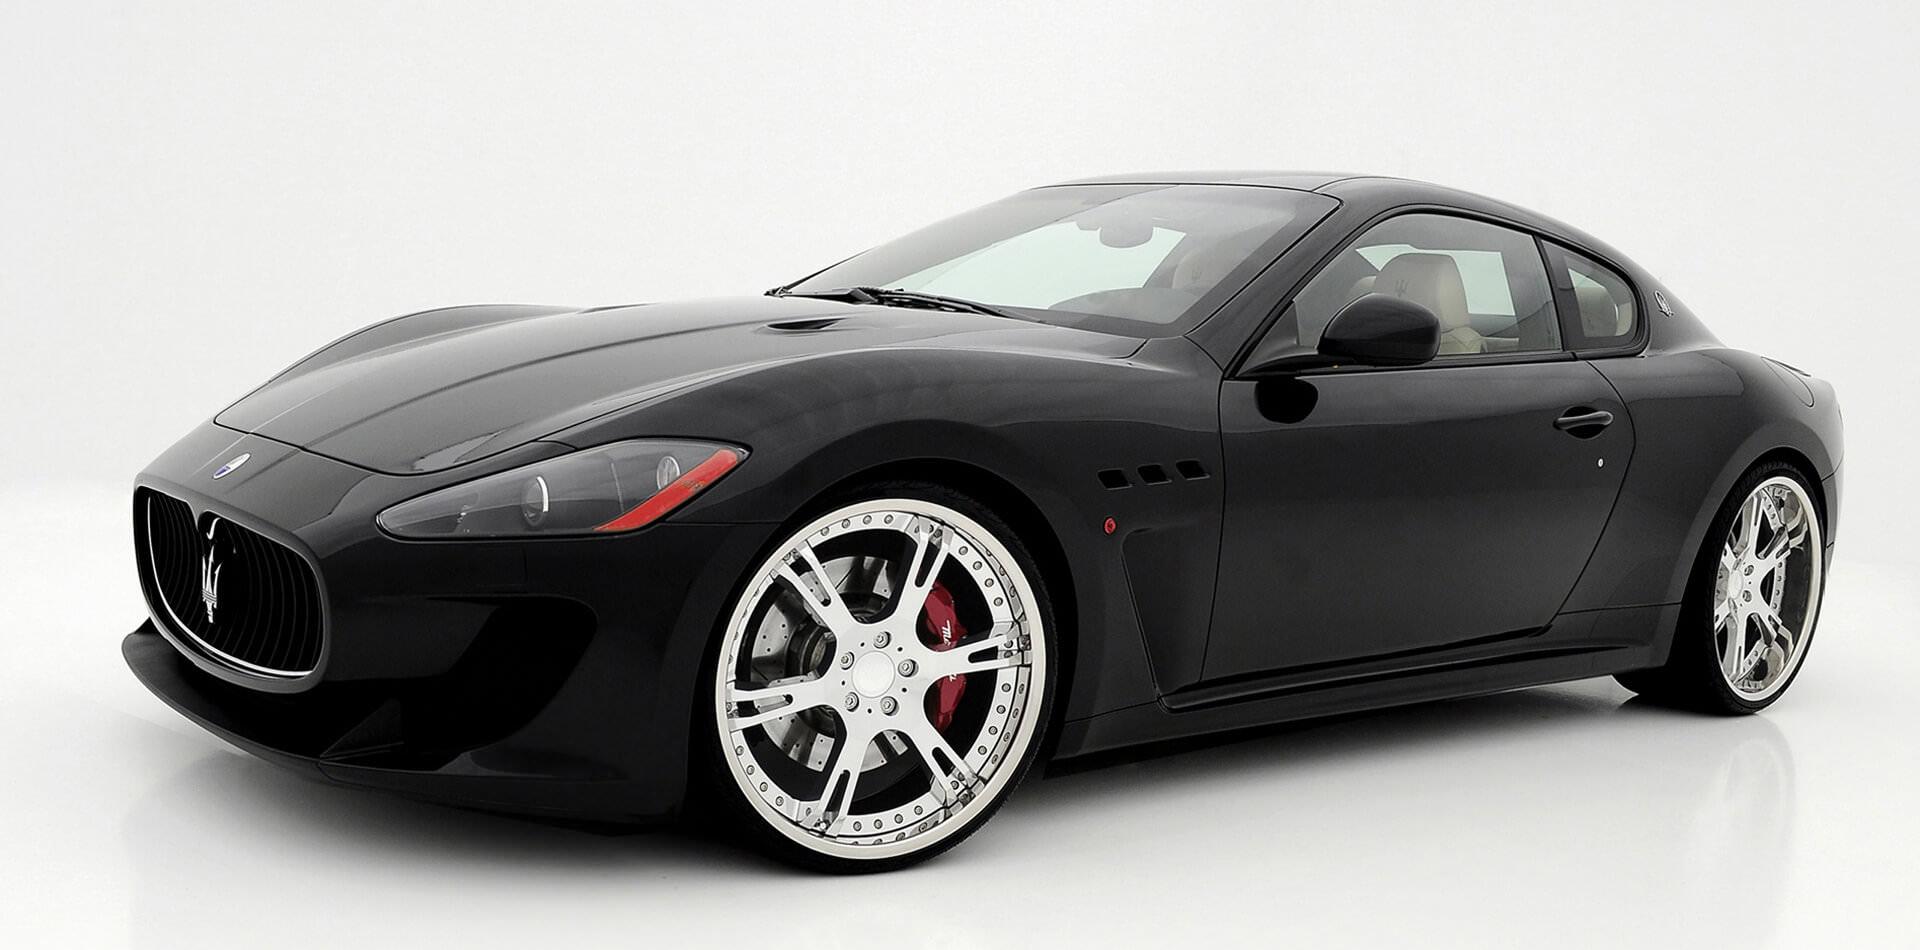 Maserati Gran Turismo Tuning, Felgen, Auspuffanlage